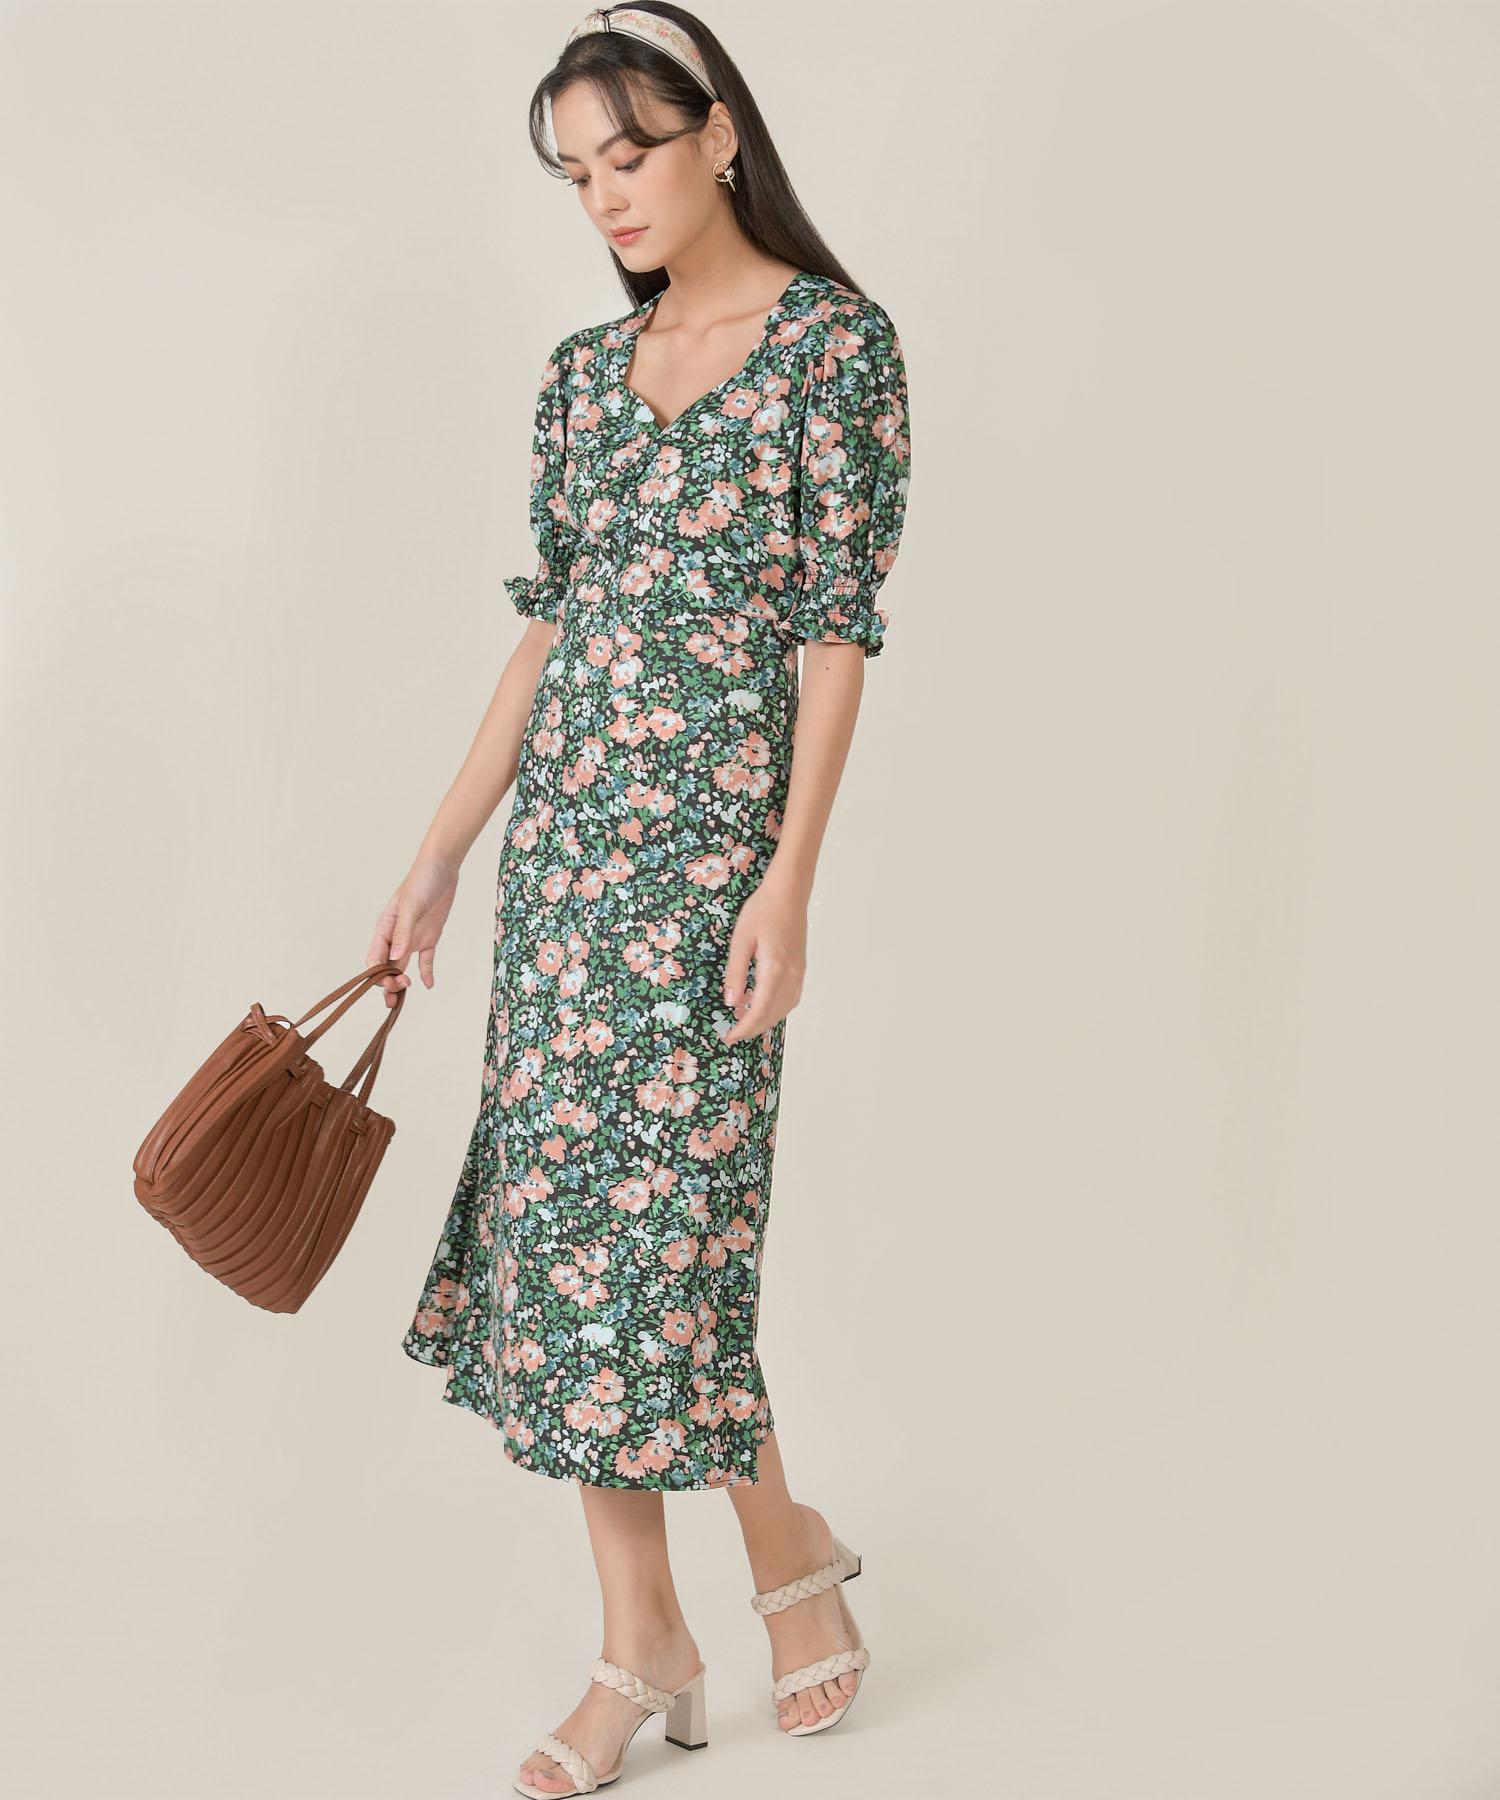 botaniste-floral-puff-sleeve-midi-dress-1